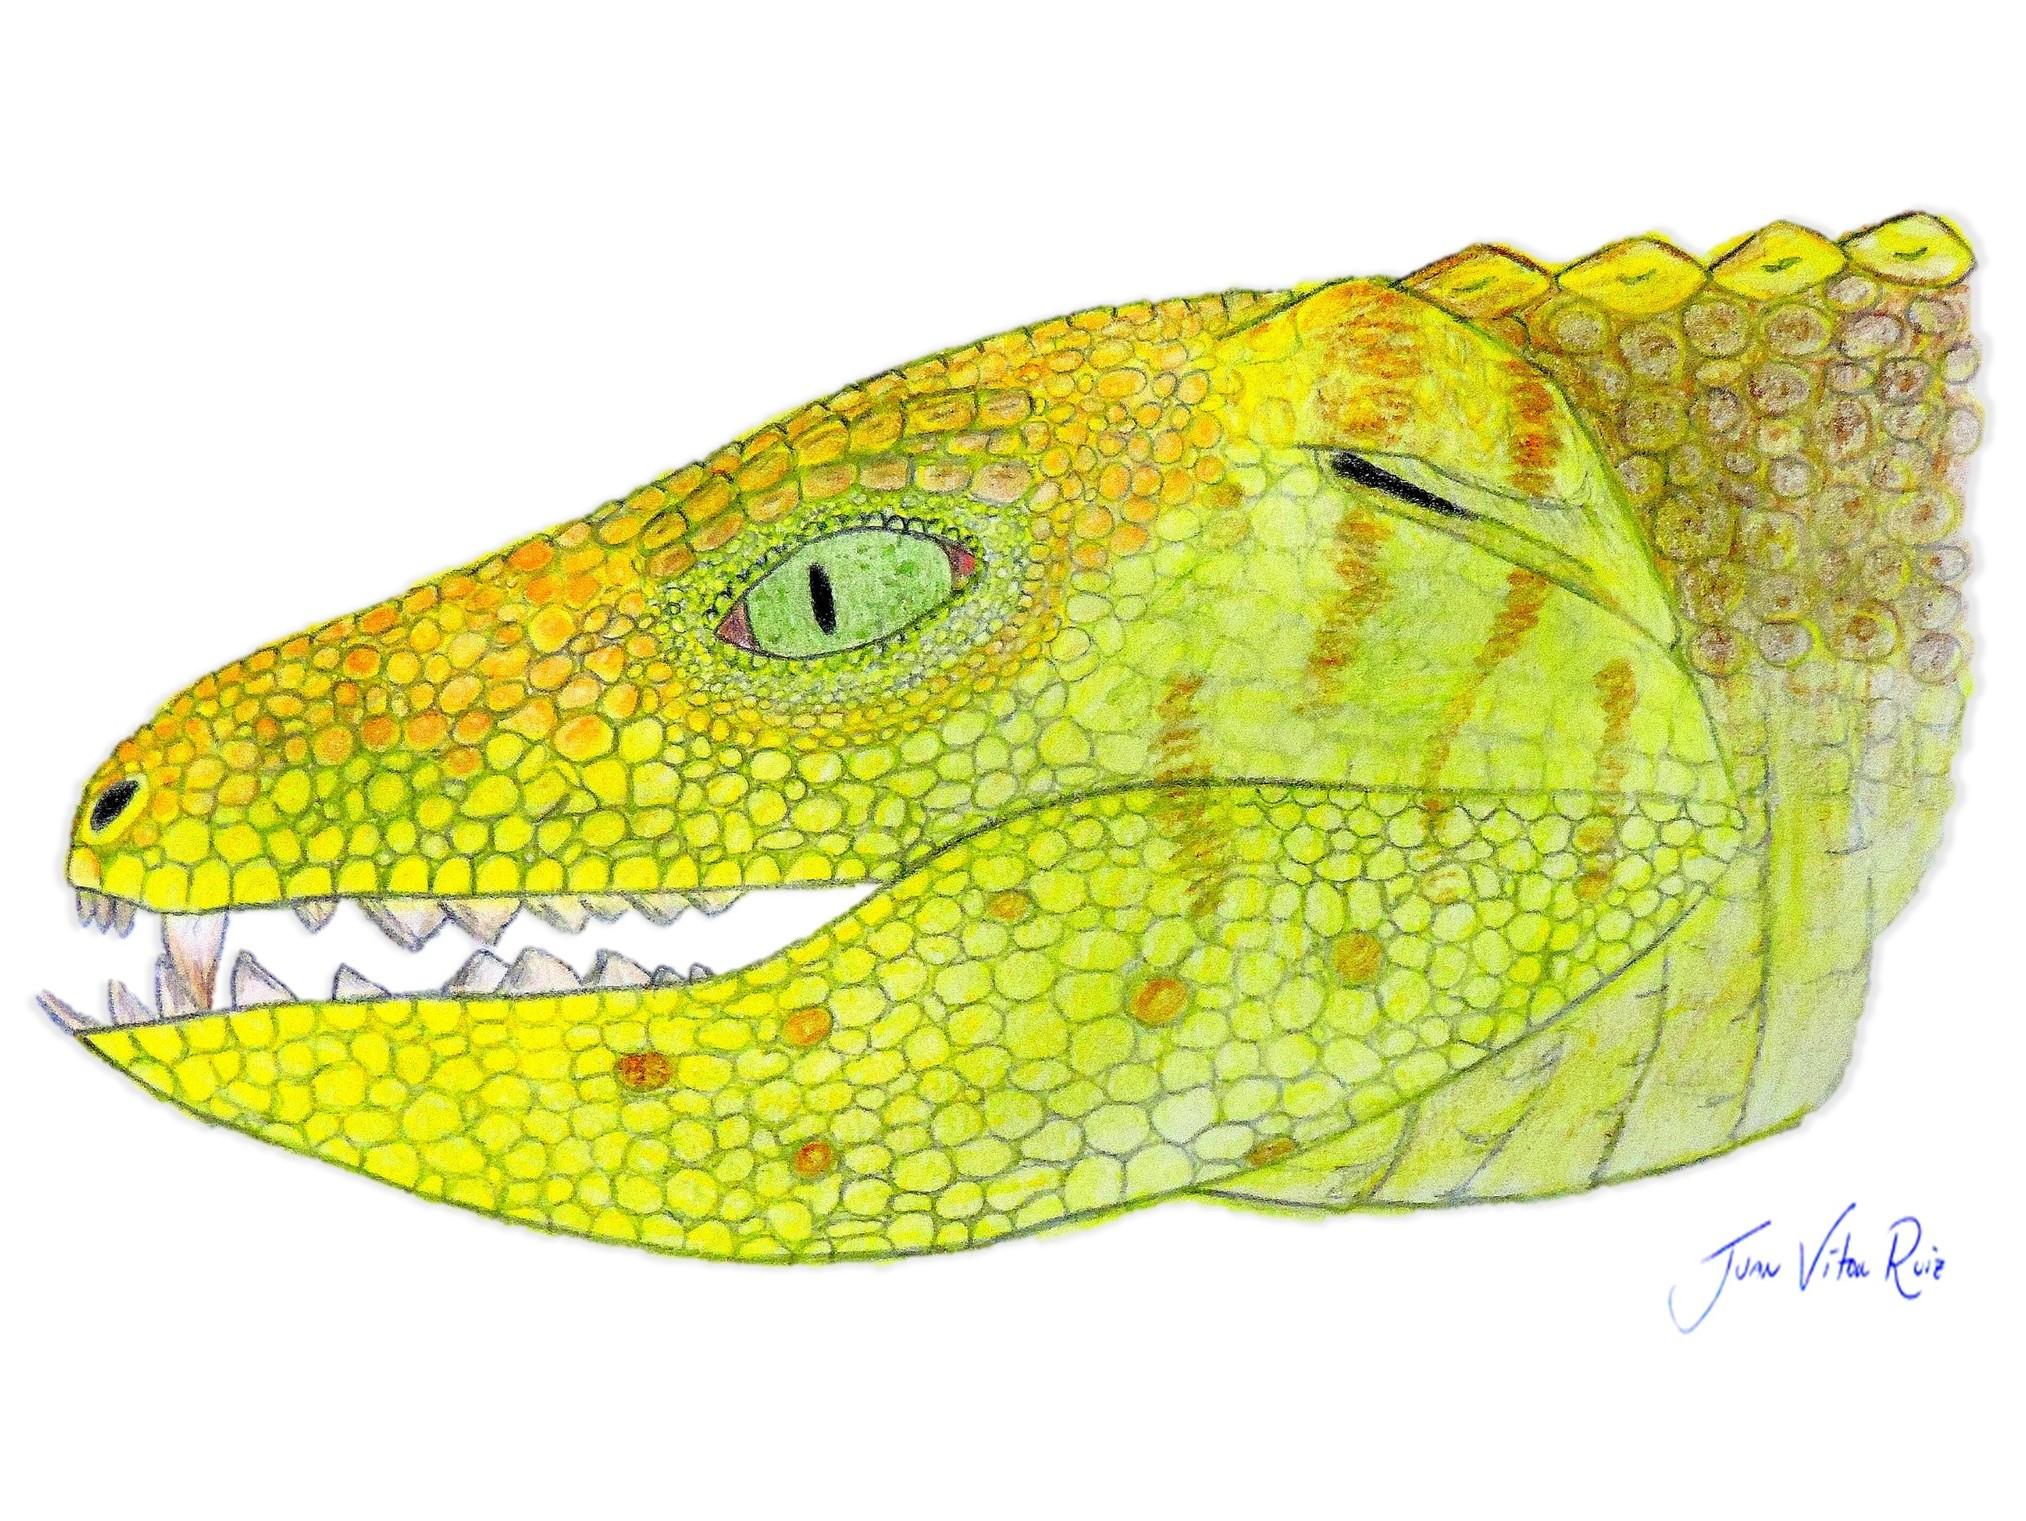 Desenho do Caipirasuchus attenborough